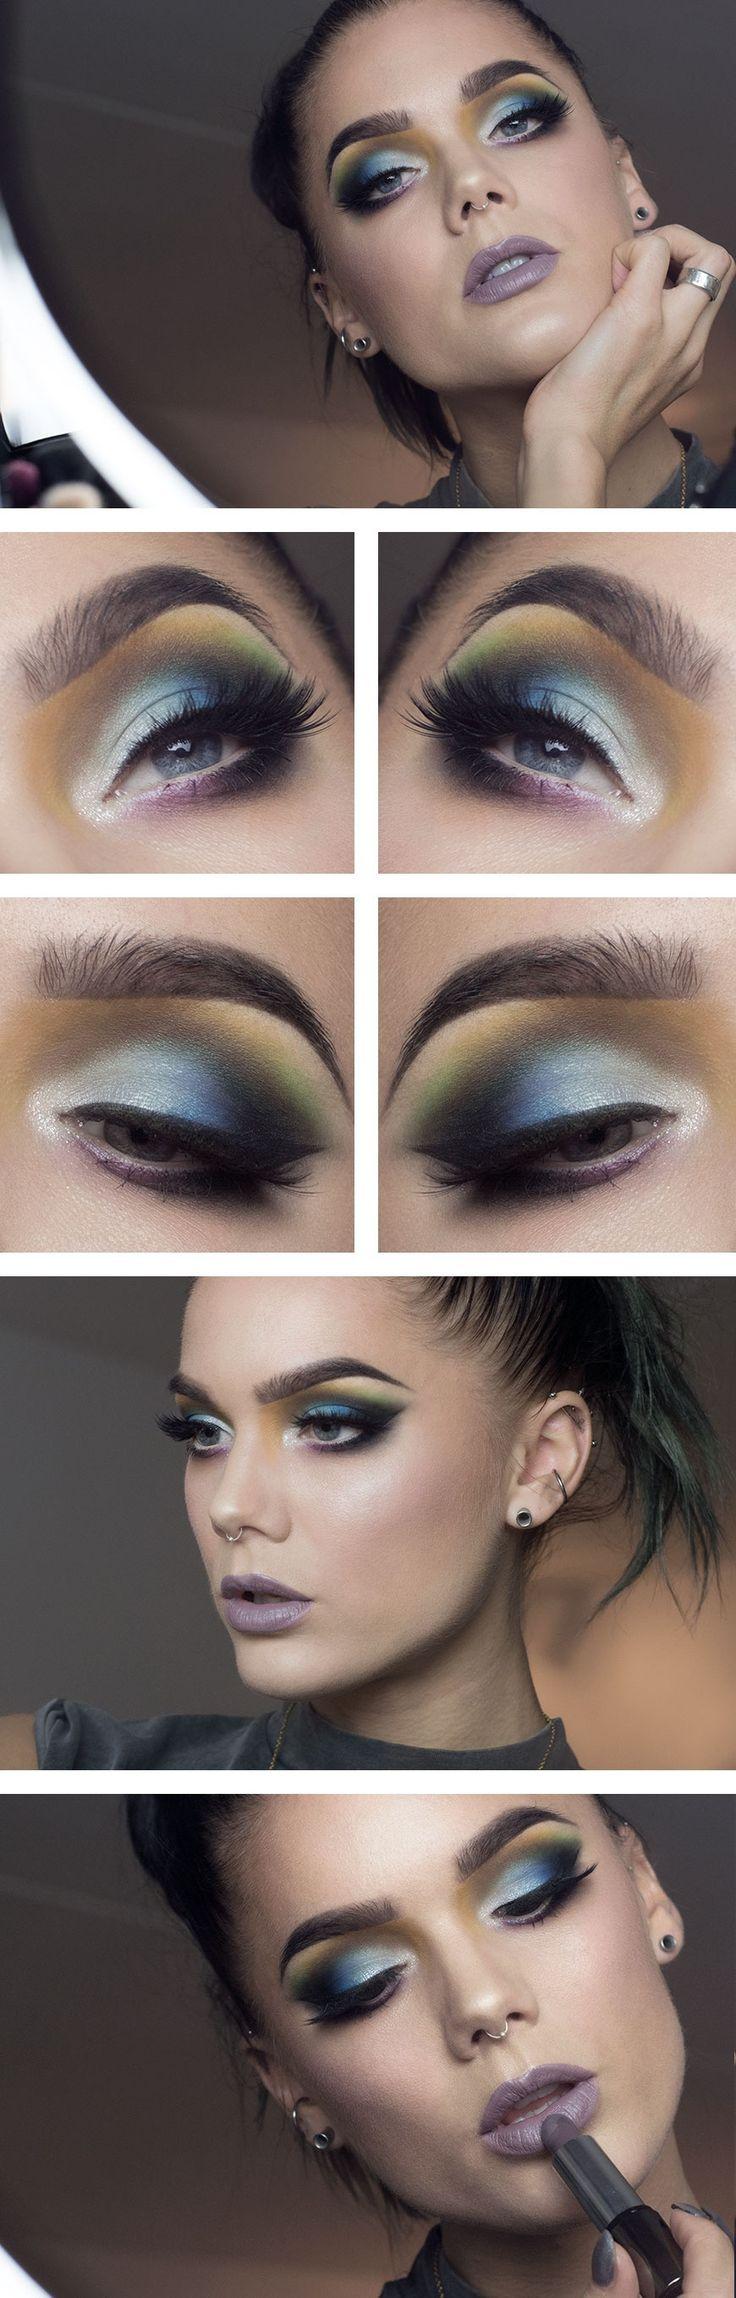 Met andere lipkleur is deze look met licht groen en lichtblauw ook erg zomers.